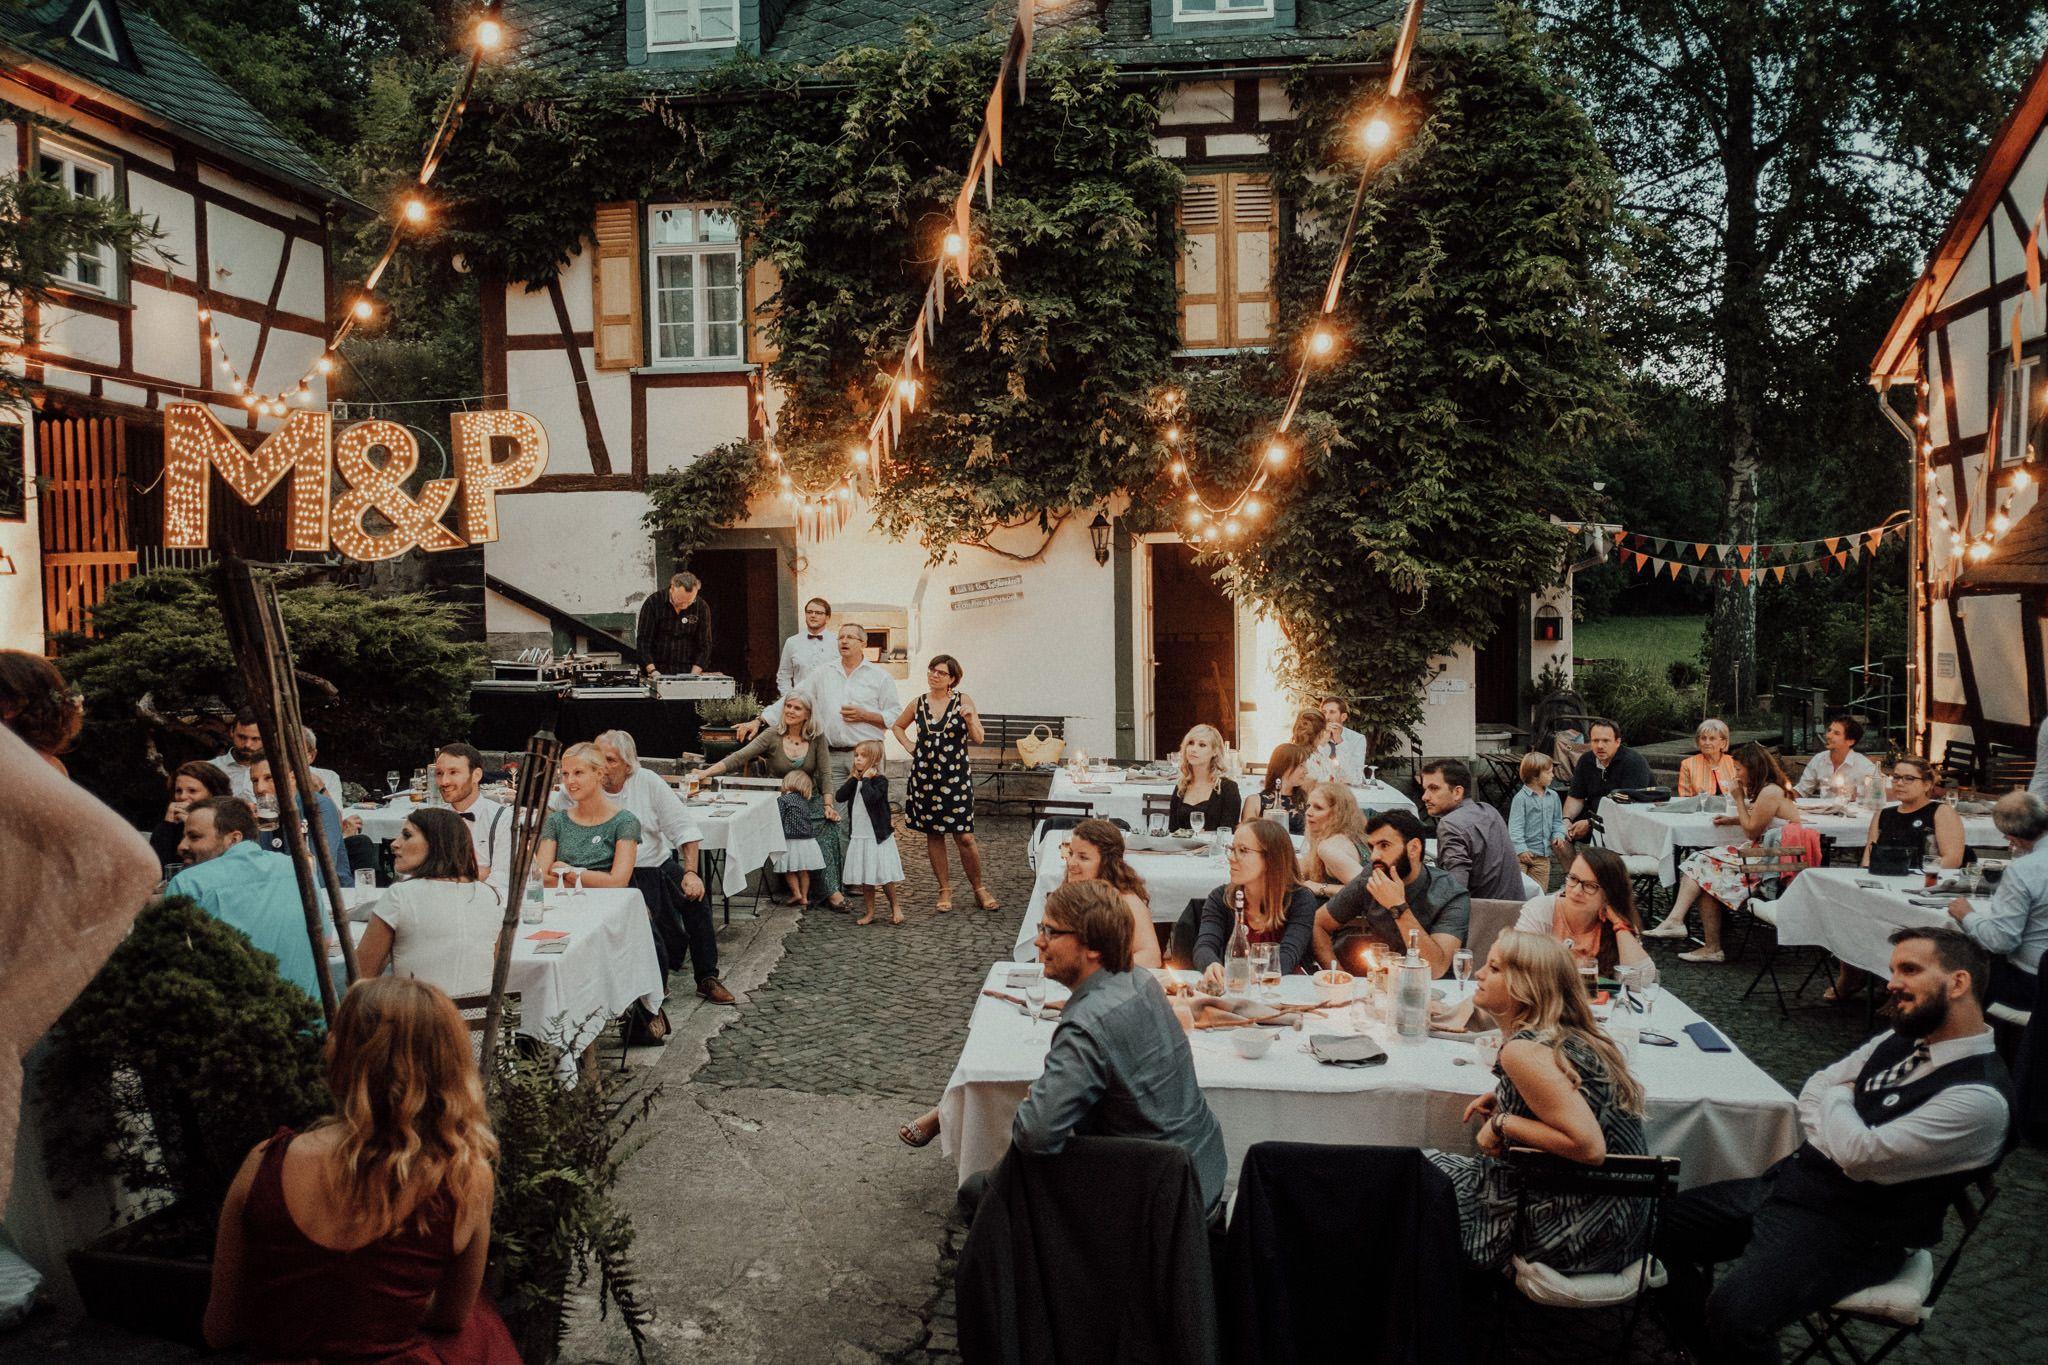 Traumhafte Location Muhlenhochzeit In Nrw Unter Freiem Himmel Sommerhochzeit Im Bohostil Boh Hochzeit Location Hochzeitslocation Hochzeitslocation Hessen